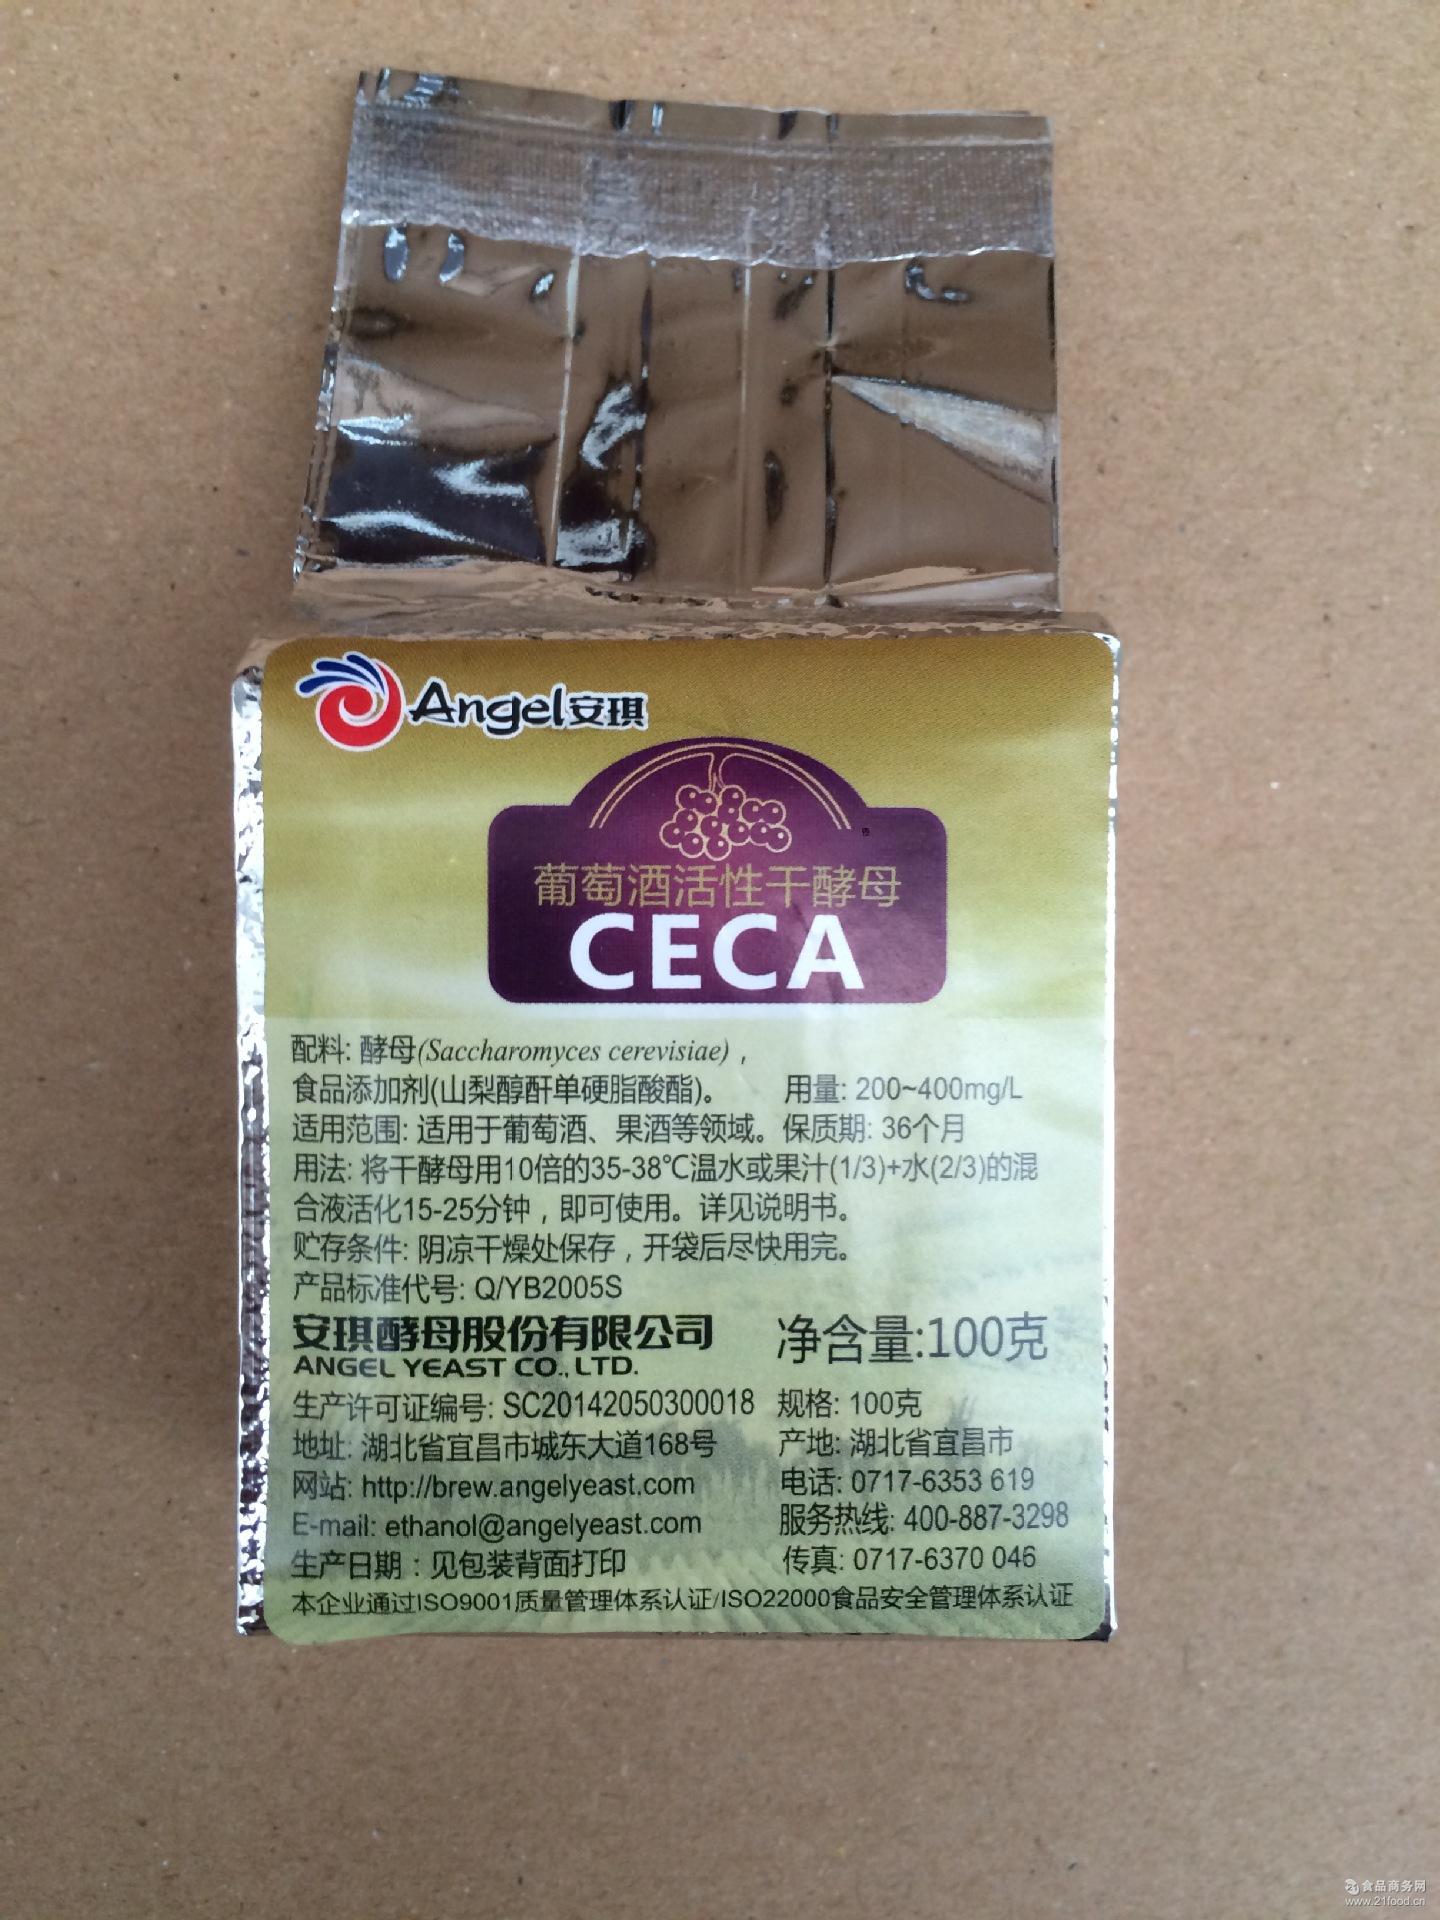 凸显烟熏/巧克力味 安琪Angel 本土菌种 酵母CECA-自酿 饱满陈酿